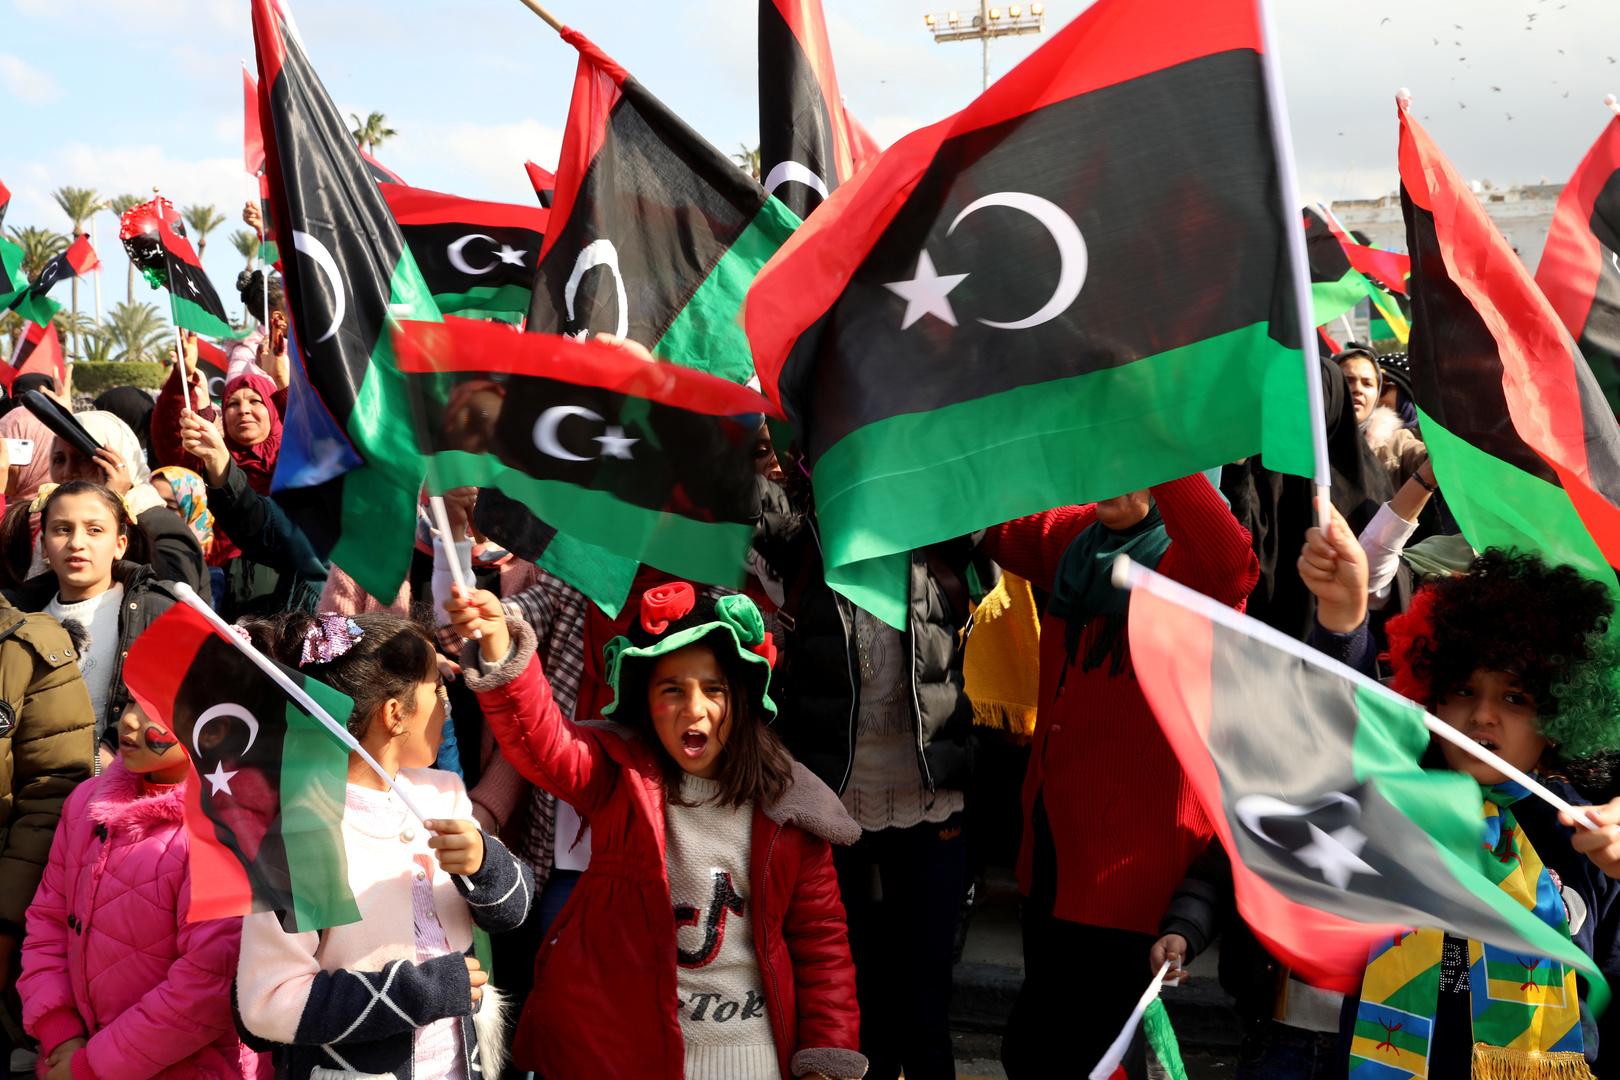 الجامعة العربیة ترحب بالتفاھمات اللیبیة حول توحید مؤسسات الدولة والتحضیر للانتخابات